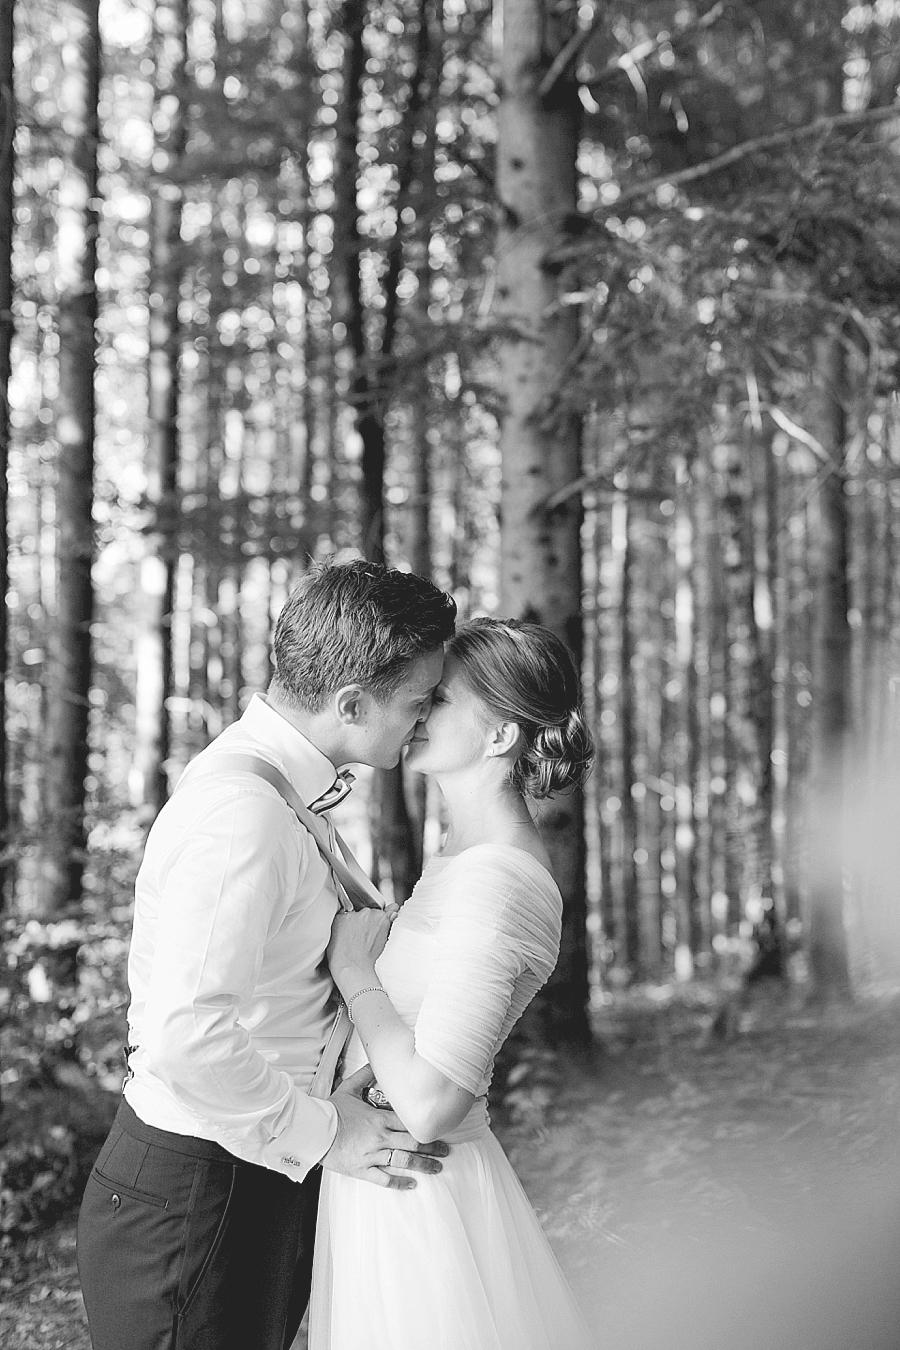 aline lange FOTOGRAFIE, aline lange, fotografin, hochzeitsfotografin, hochzeitsfotos, hochzeitsreportage, sommer, strand, sand, weiß, grün, gruen, entspannt, fröhlich, emotional, hochzeitsfotos, hochzeitsbilder, hochzeitsreportage, hochzeit, heiraten, wedding, wedding photographer, wedding photos, natuerlich, entspannt, ungestellt, authentisch, ehrlich, simpel, schlicht, aschbach, aschbacher hof, bayern, münchen